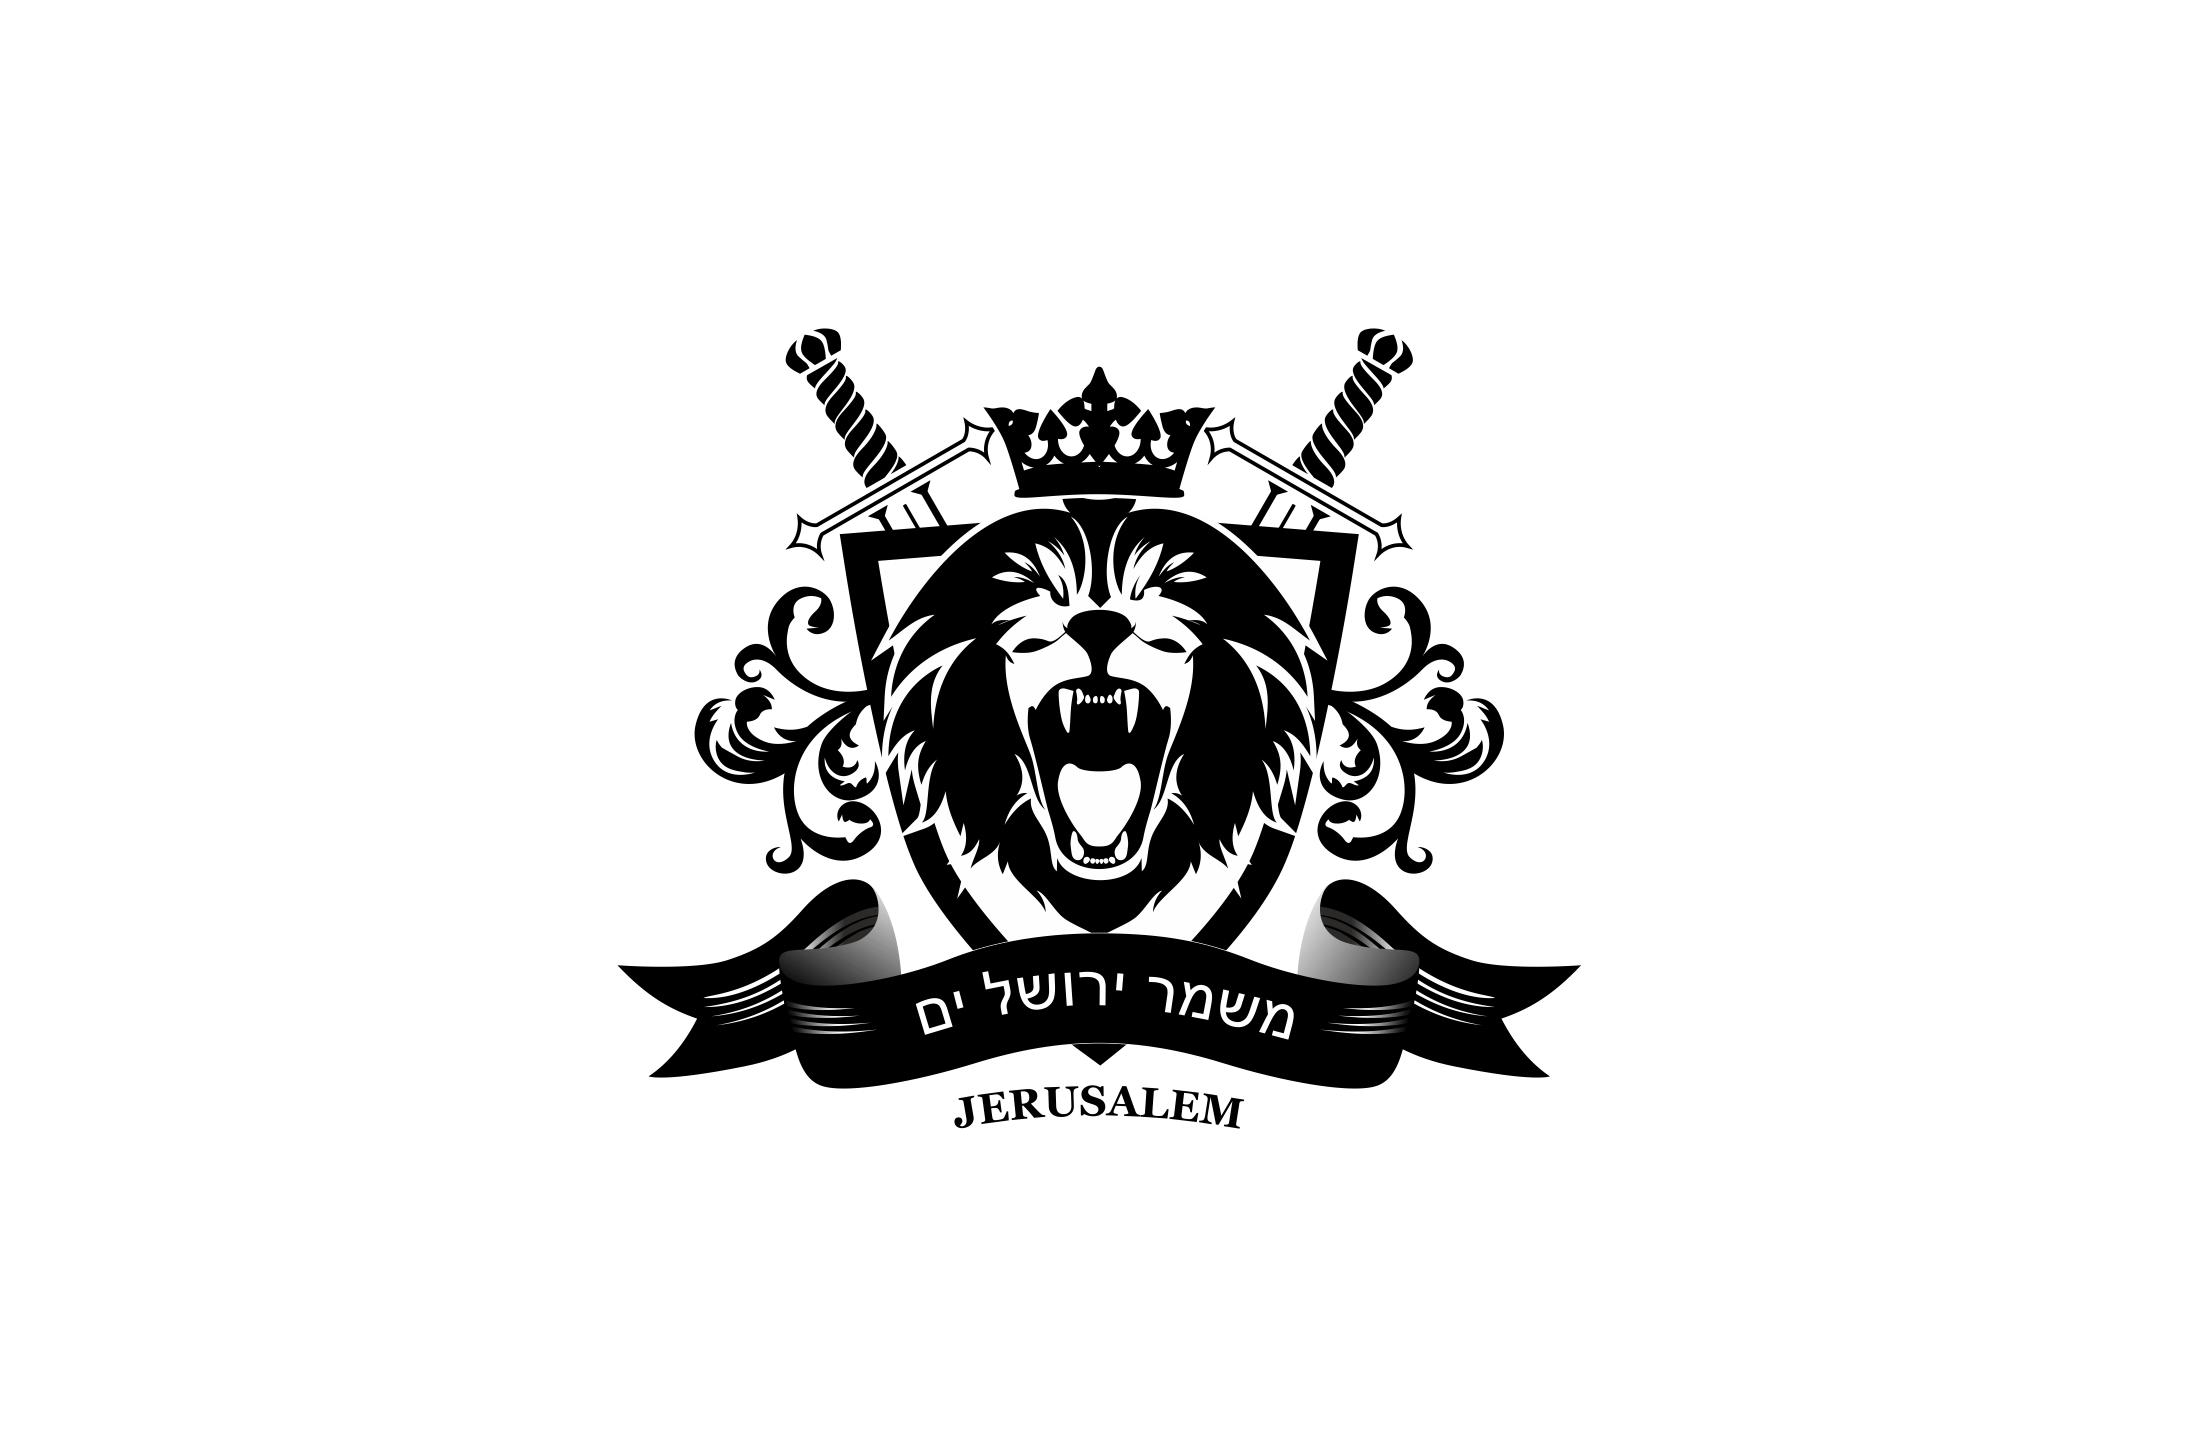 Разработка логотипа. Компания Страж Иерусалима фото f_69851ed46a501461.png